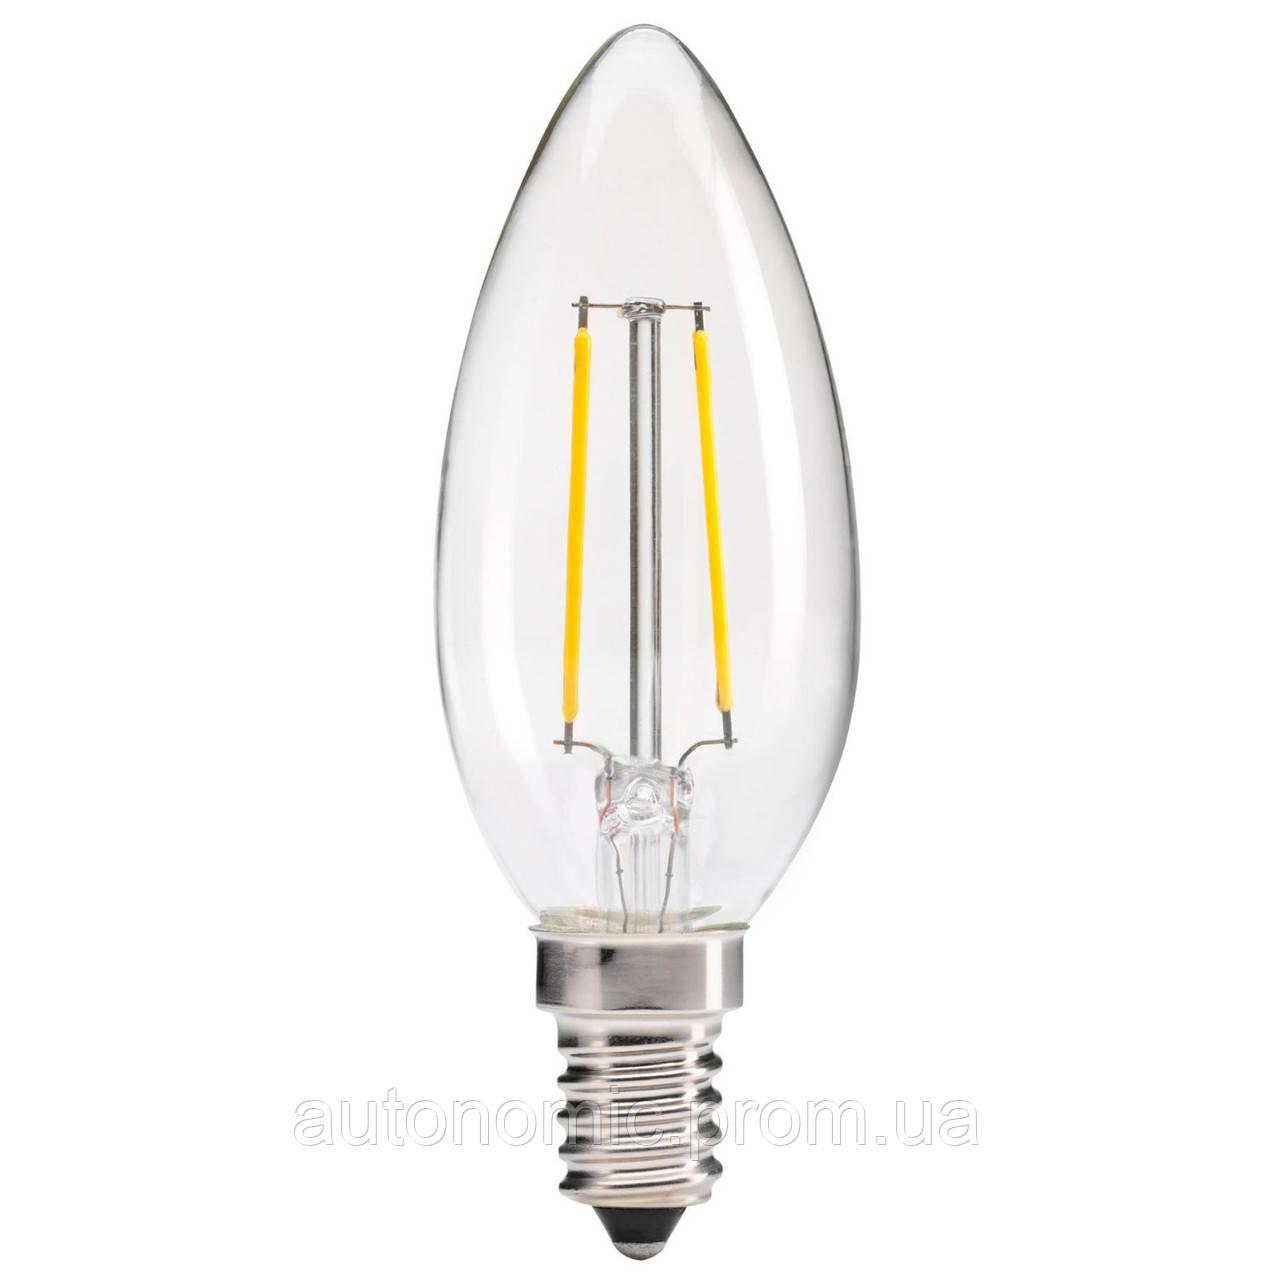 LED лампа LEDEX 2W, Е14, C35 свечка 4000К, FILAMENT, (LC203)